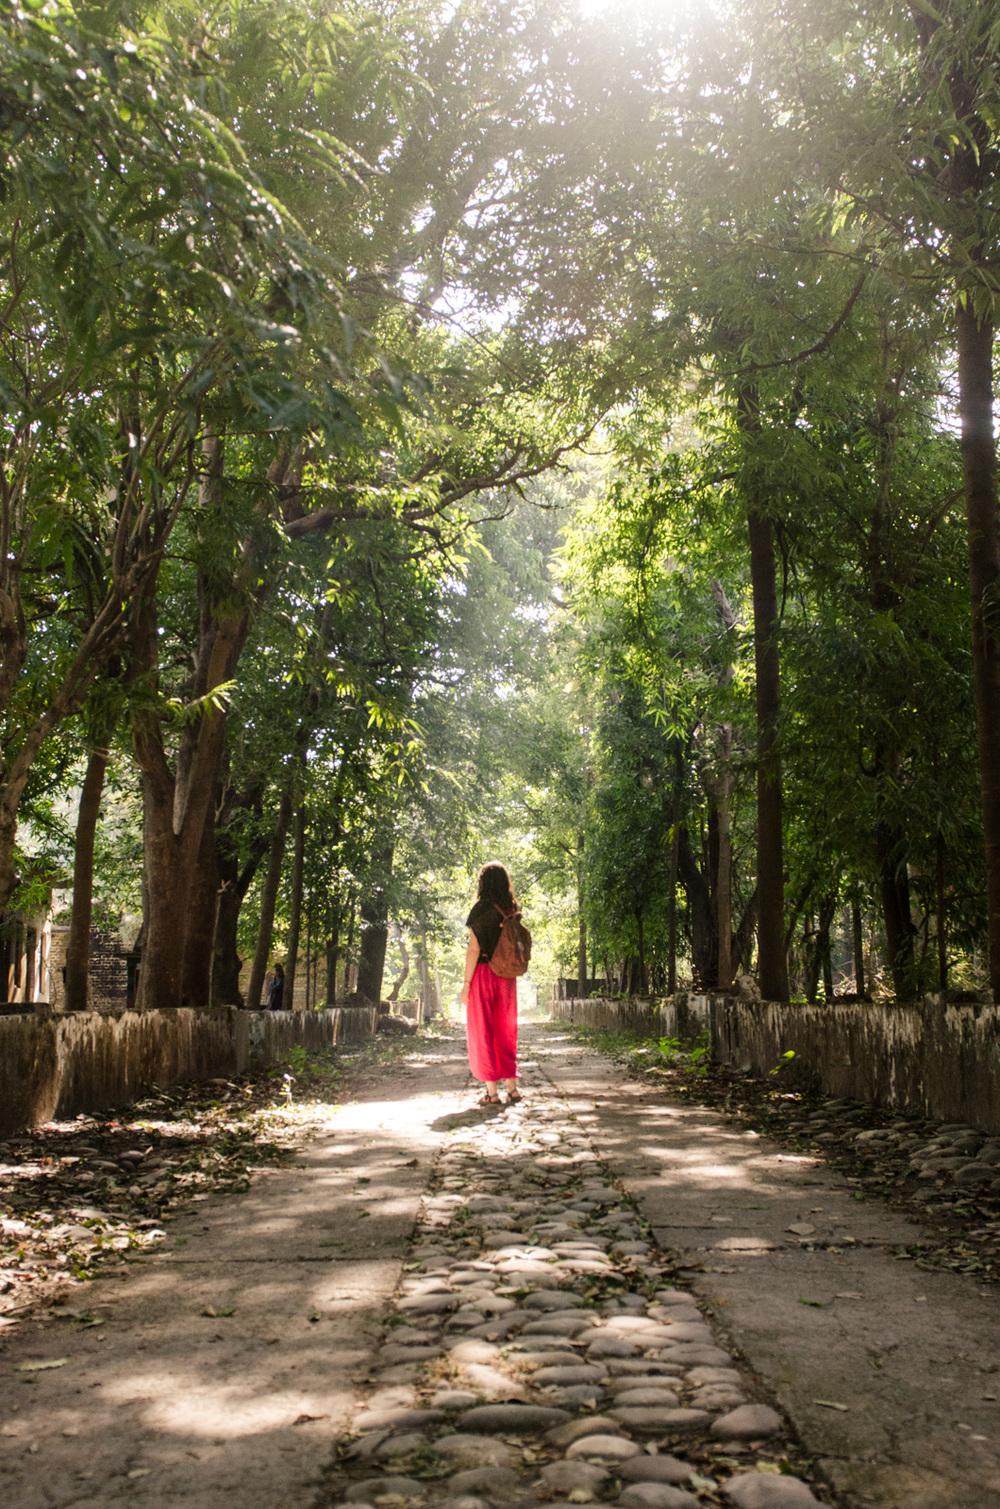 Rishikesh-Uttakarand-India-BeatlesAshram-AmyRolloPhoto-0542.jpg